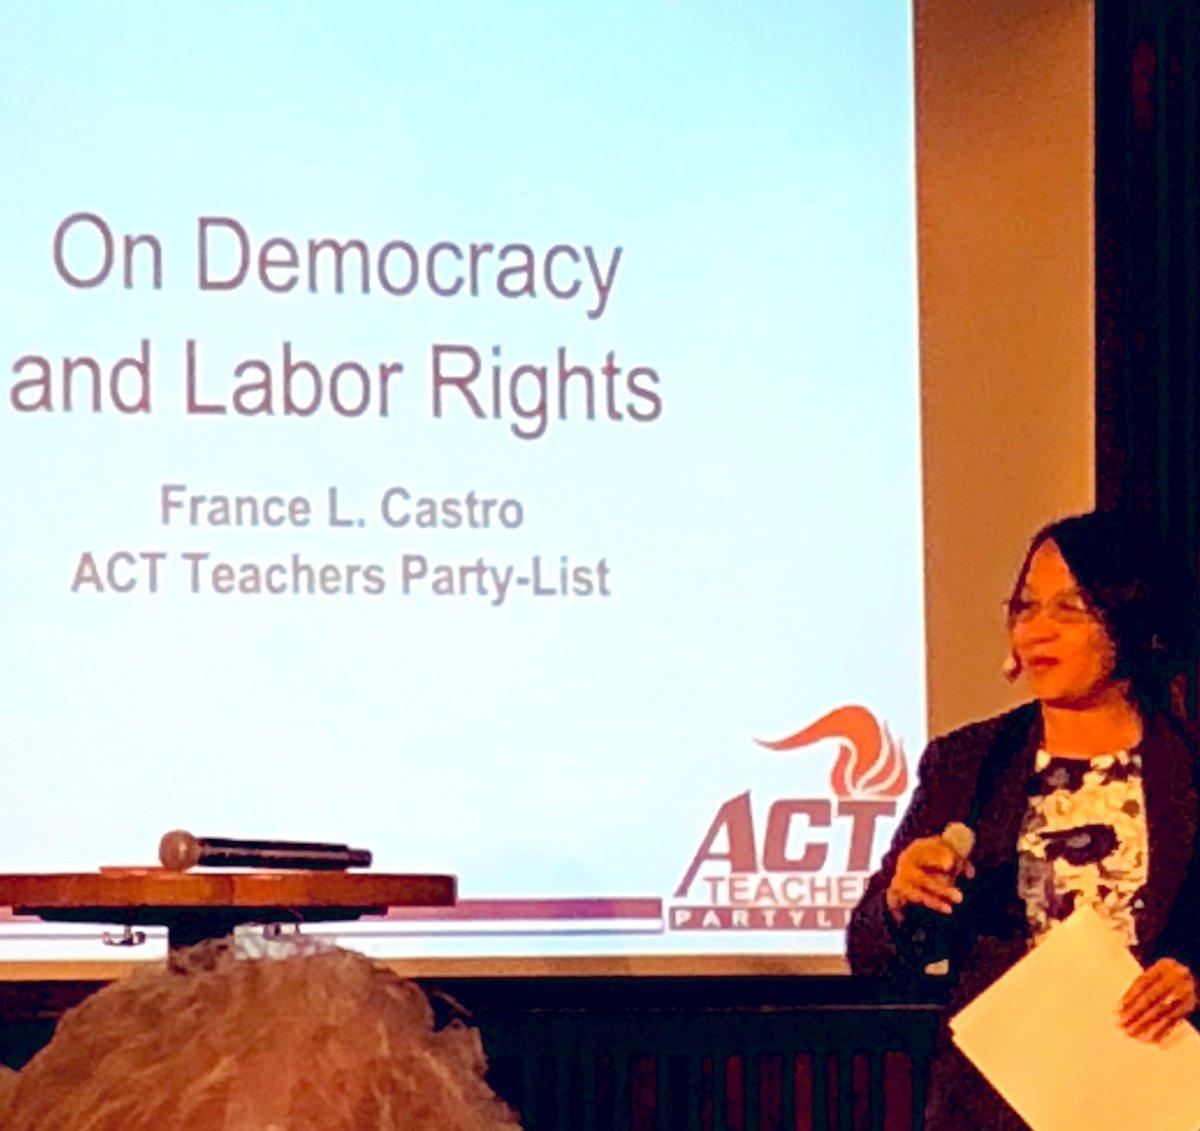 Filippinske France L. Castro er årets vinner av Arthur Svenssons internasjonale pris for faglige rettigheter - hun får prisen for sin mangeårige kamp for å organisere lærere og for å slåss for grunnleggende arbeidstakerrettigheter på Filippinene #utdanning @utdanningsf